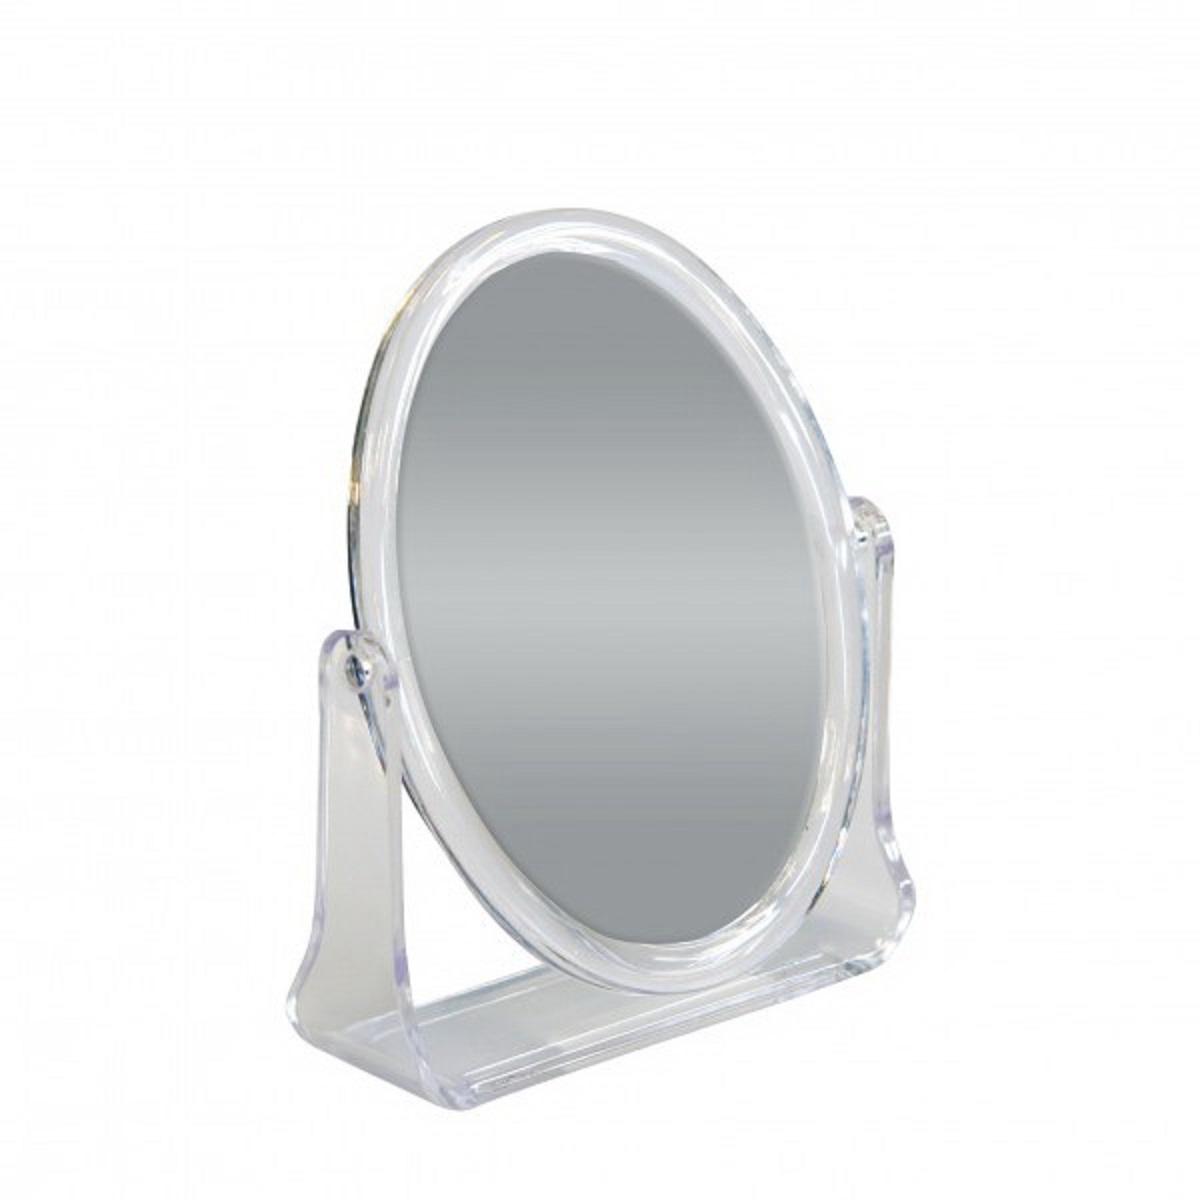 Зеркало косметическое Top Star, настольное, цвет: прозрачный, 15 х 12 см702740Настольное косметическое зеркало Top Star идеально подходит для нанесения макияжа и совершения различных косметических процедур. Двухстороннее зеркало с регулируемым углом наклона позволит вам установить его так, как это удобно вам, а двукратное увеличение одной из зеркальных линз поможет разглядеть даже малейшие нюансы и устранить все недостатки кожи. Яркий и стильный дизайн делает зеркало отличным подарком родным и близким, оно будет прекрасно смотреться в любом интерьере.